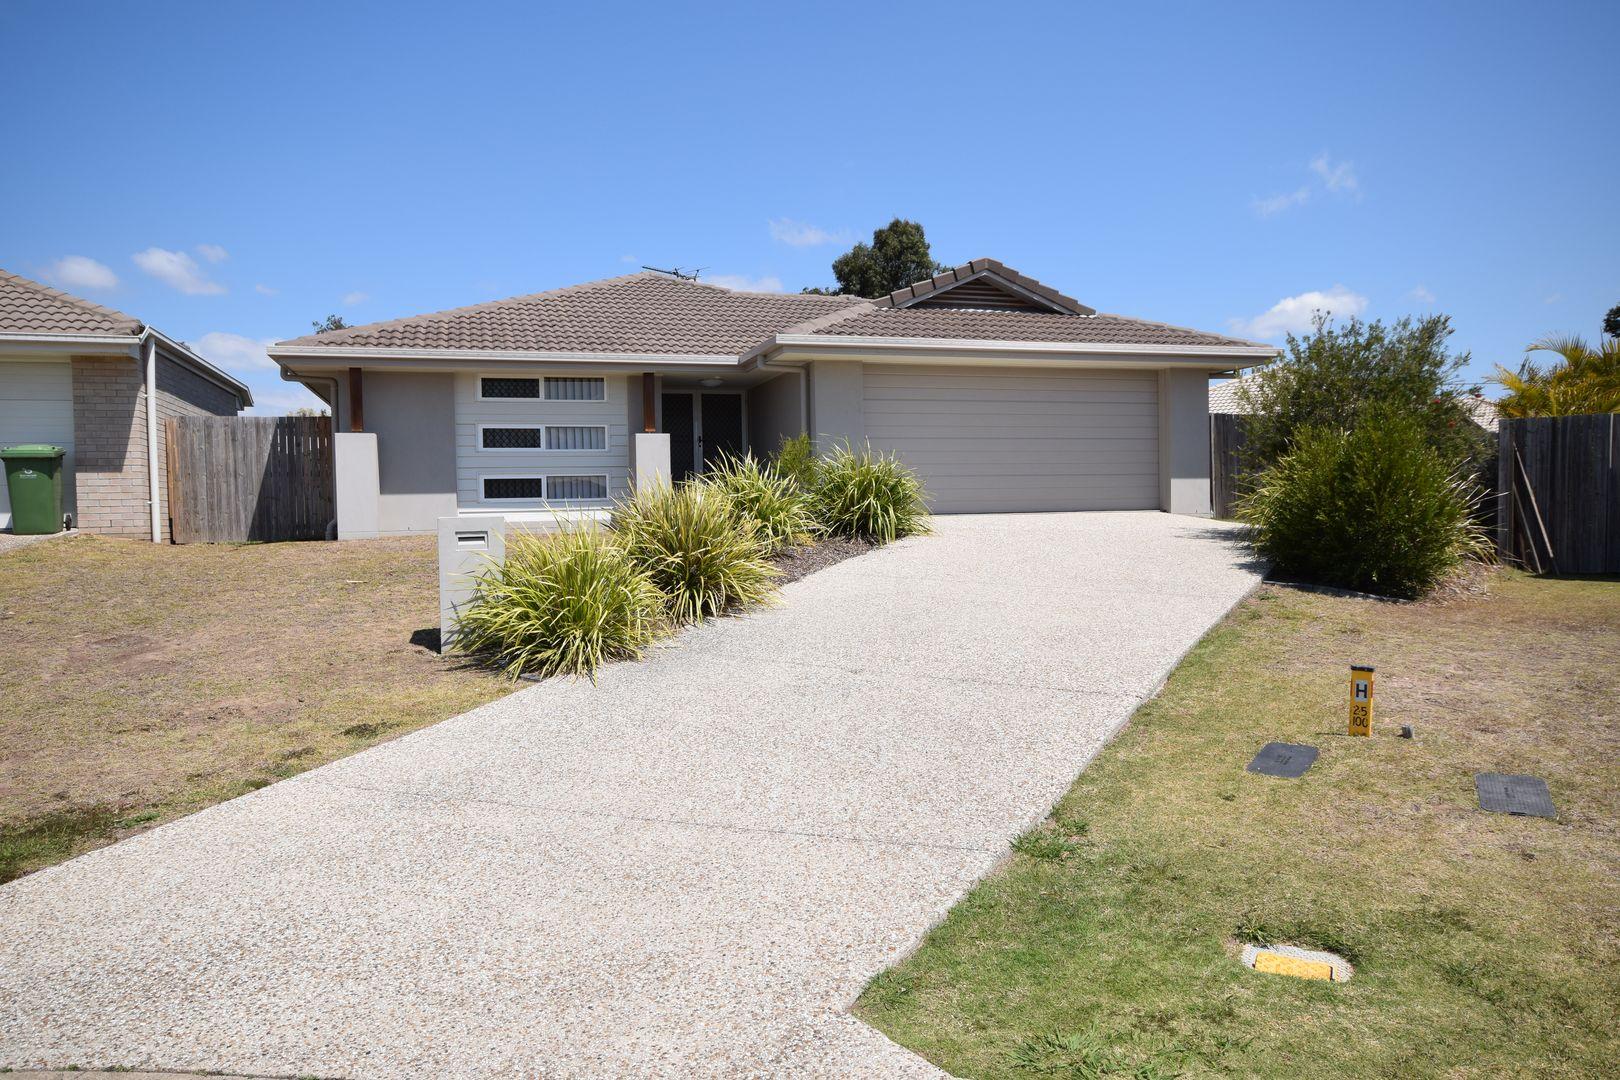 8 Myrtle Court, Fernvale QLD 4306, Image 0